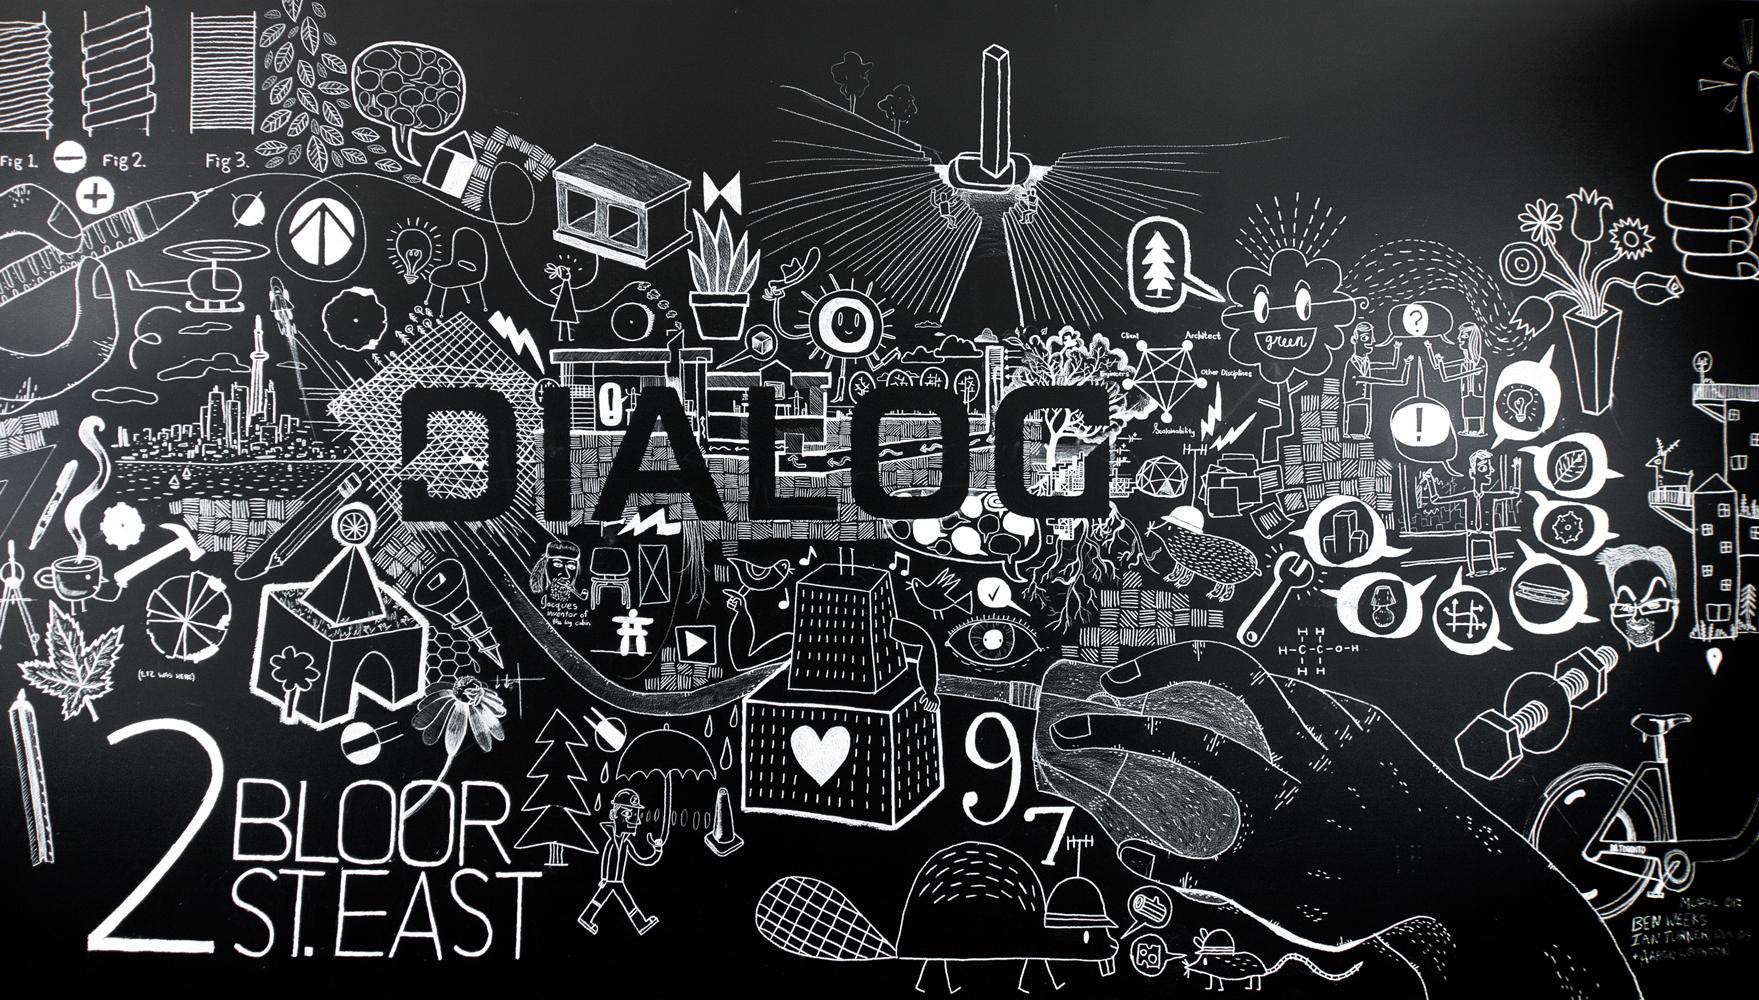 Dialog Mural